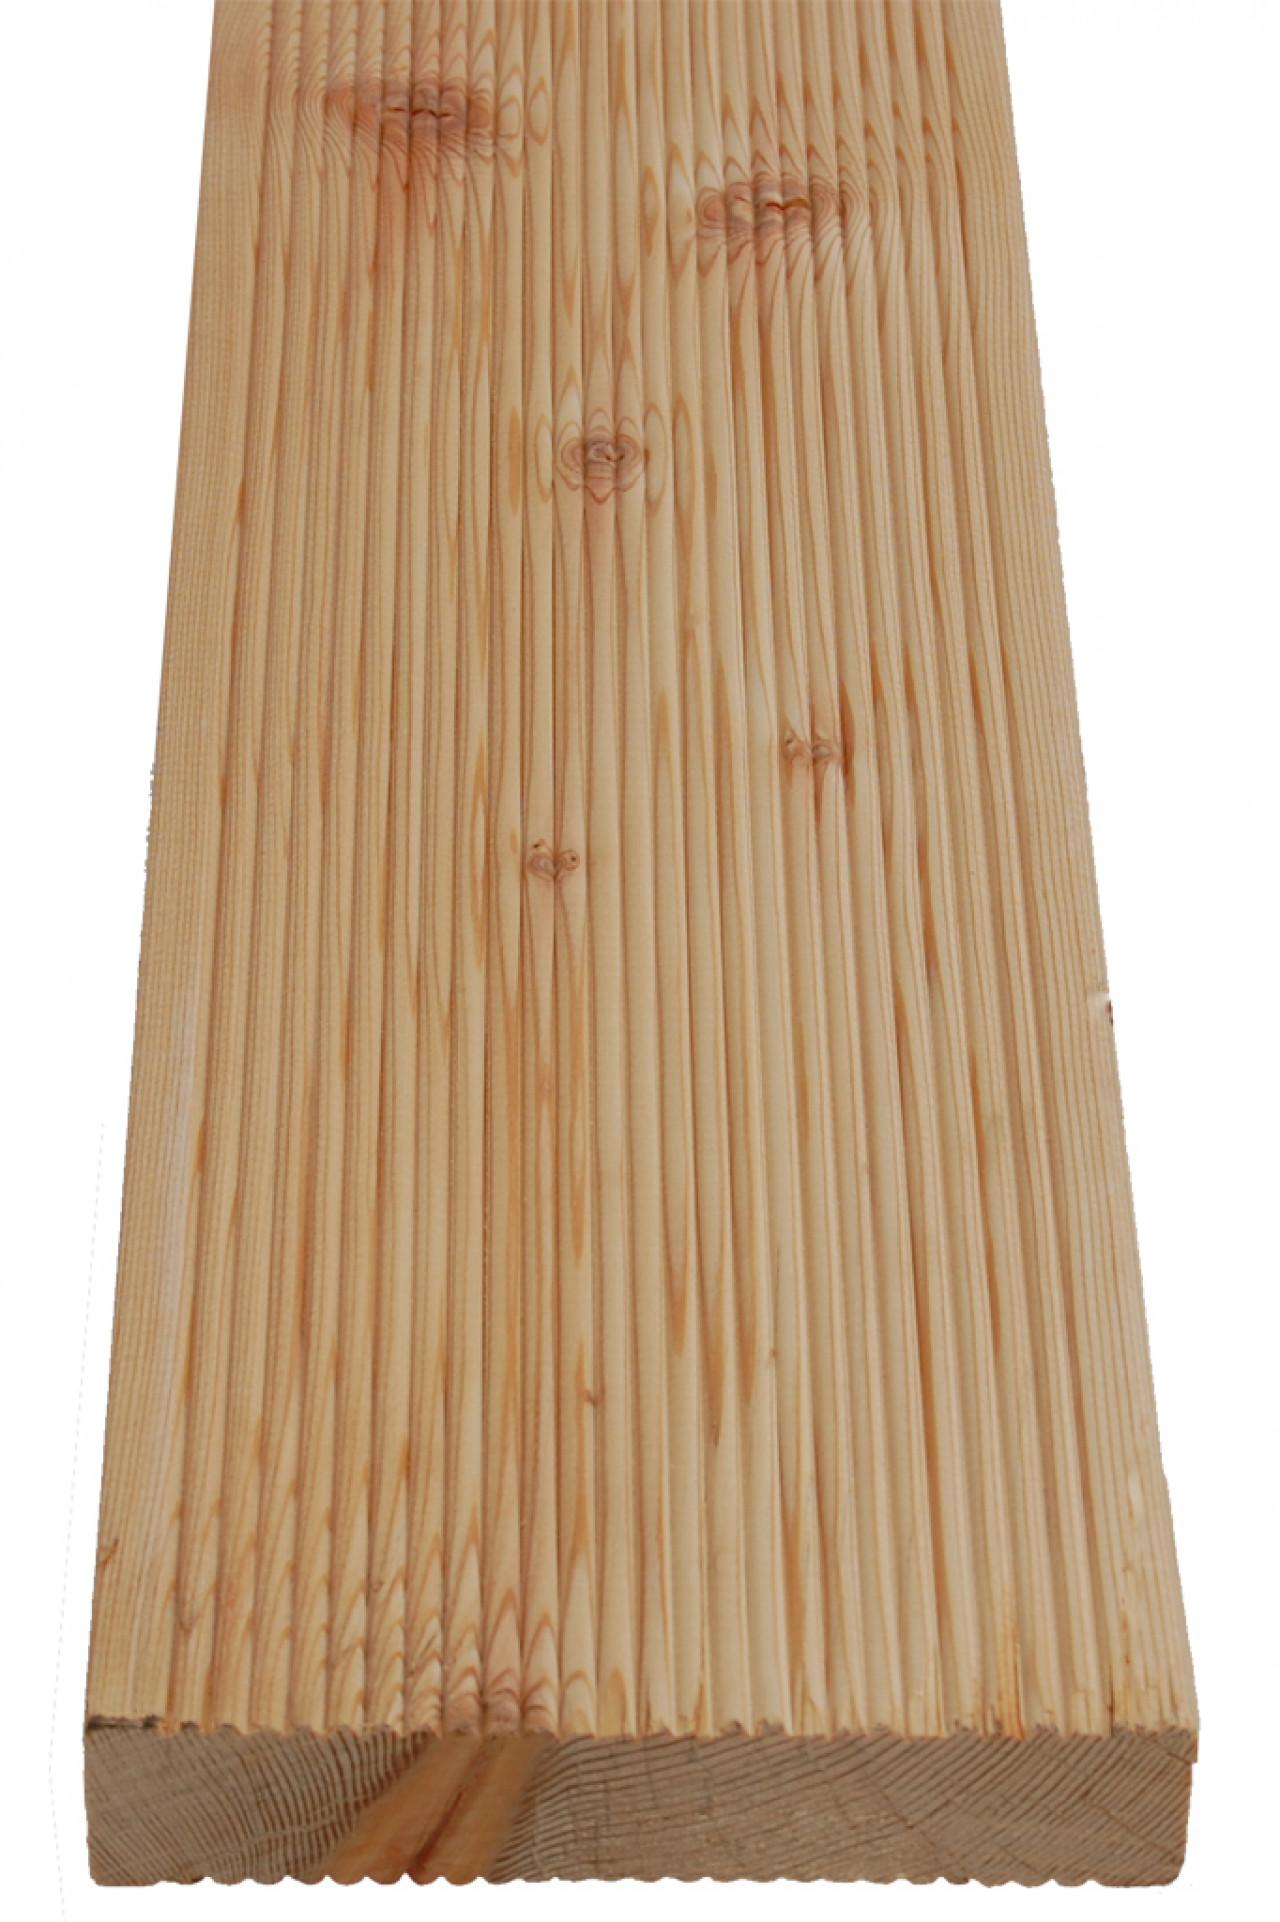 Deska tarasowa ryflowana Modrzew Syberyjski 28 x 142 x 4000 mm - Surowa - klasa AB - drobny ryfel